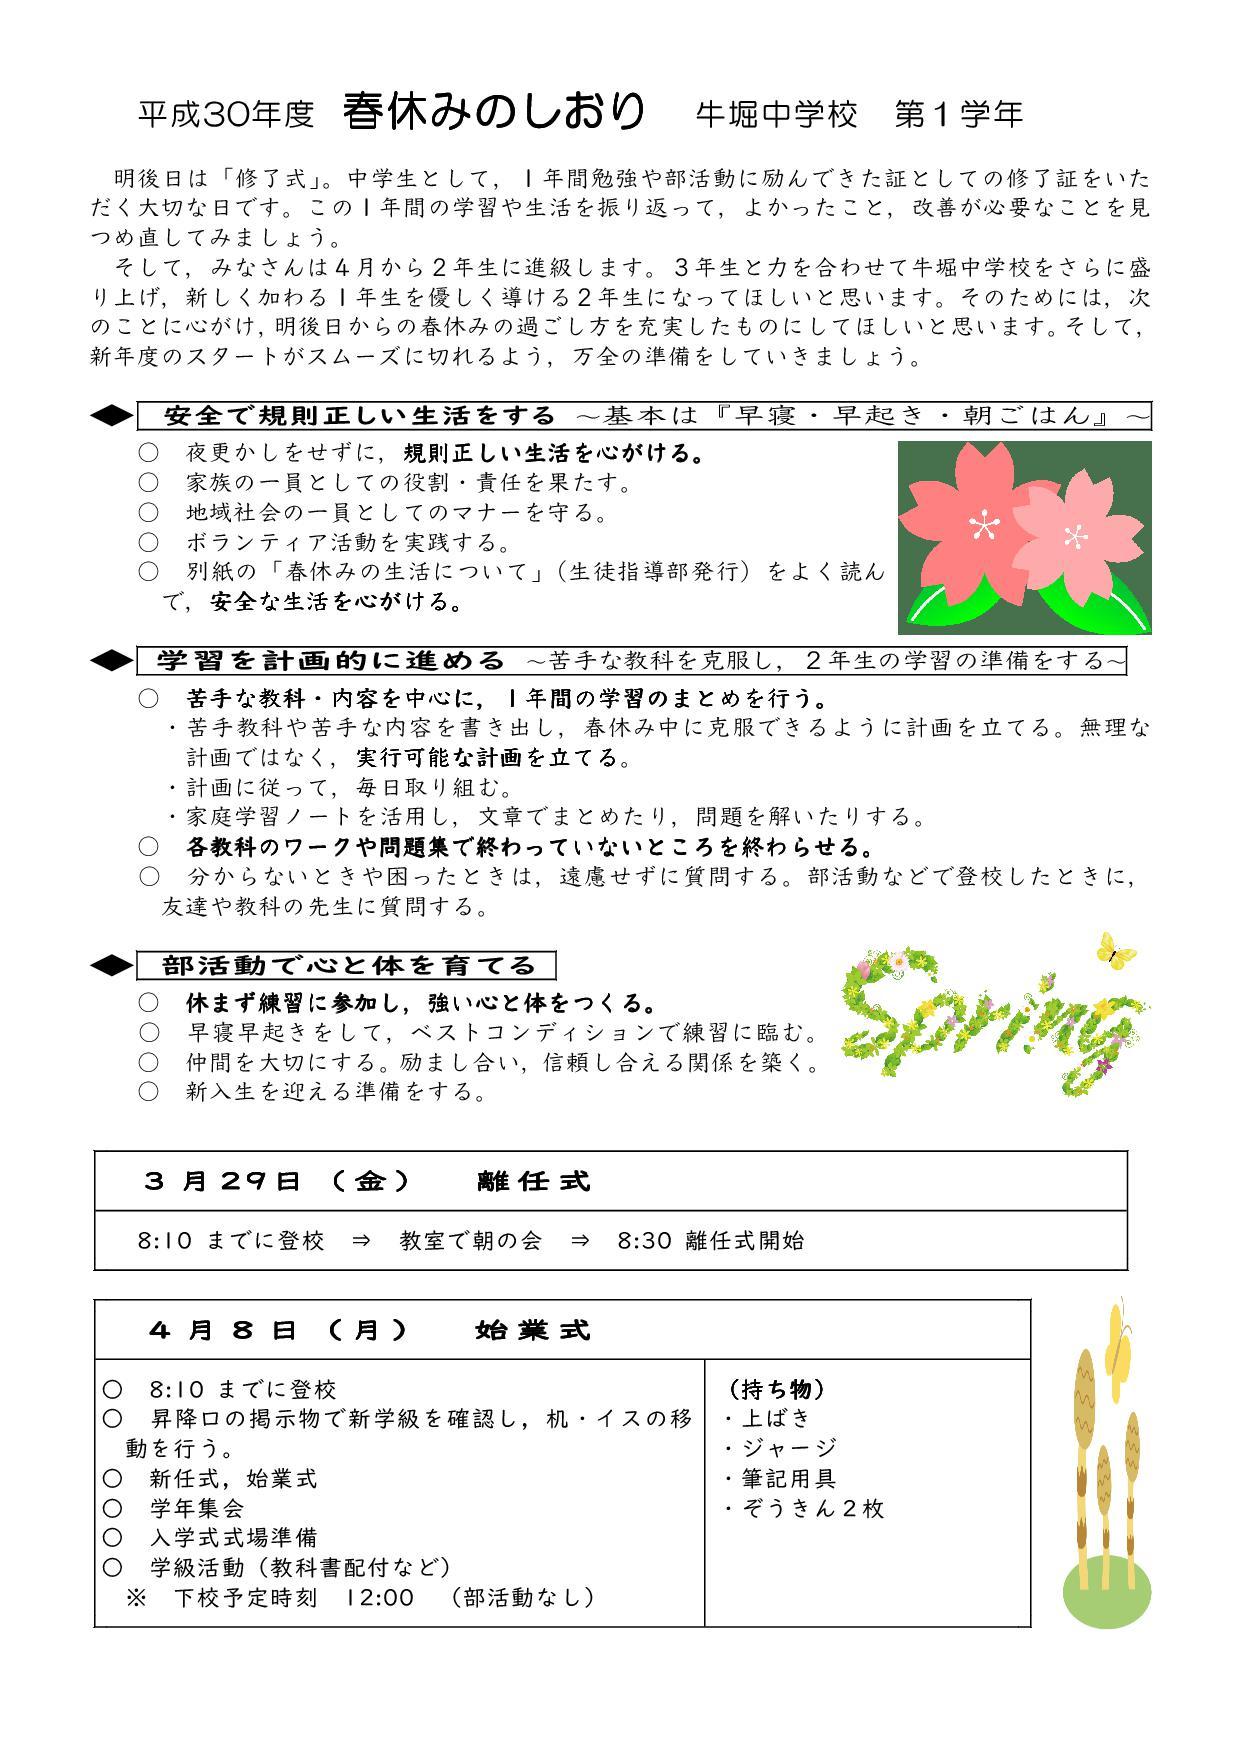 Taro-H30-1学年(春休みのしおり)-01